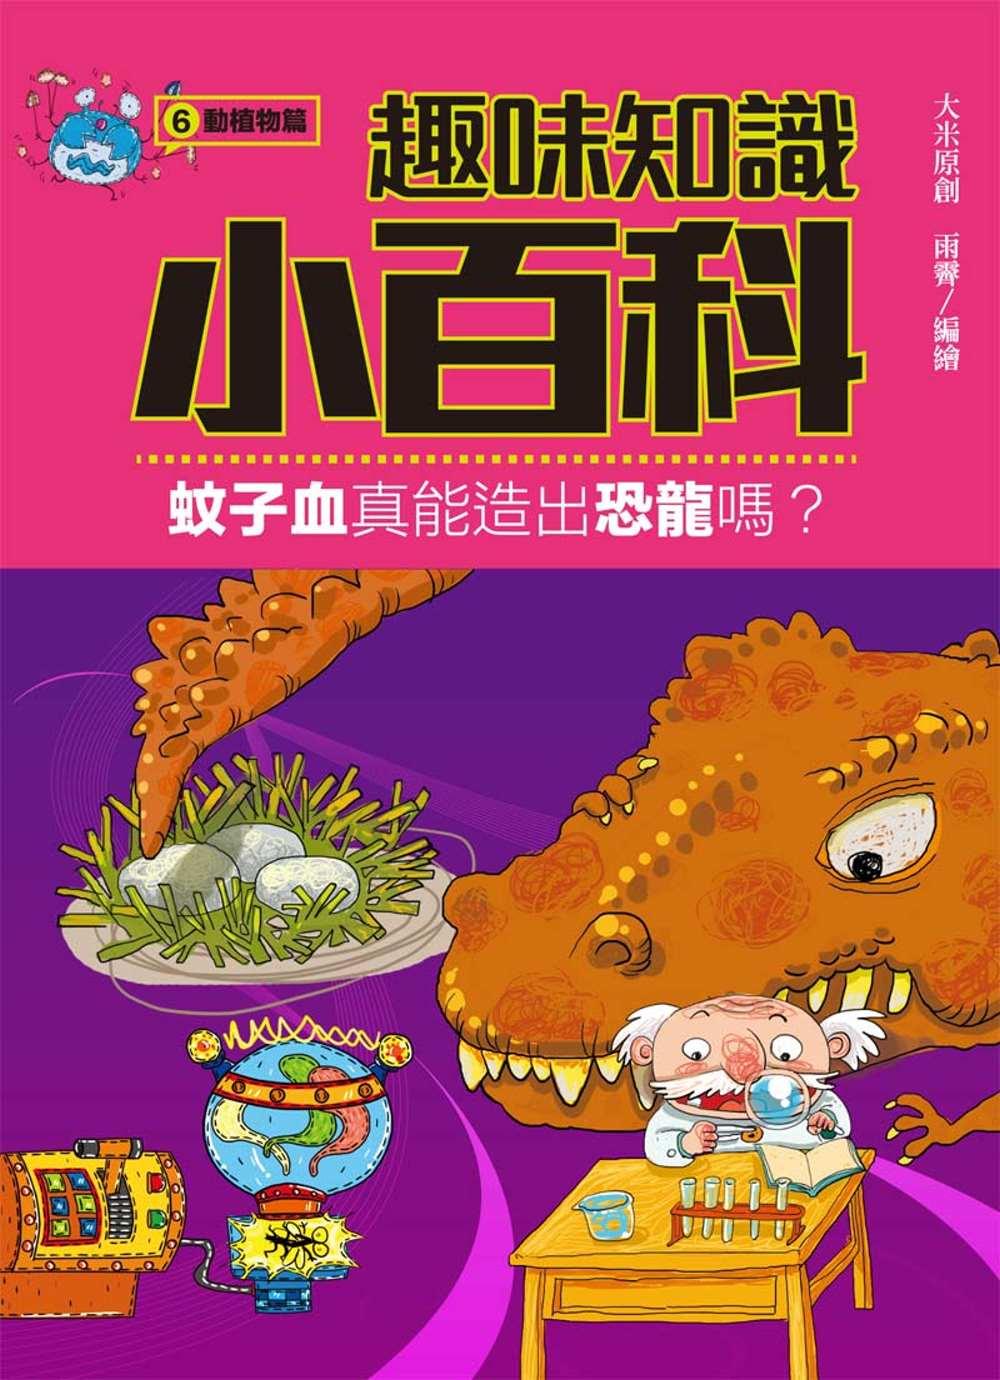 趣味知識小百科6:動植物篇